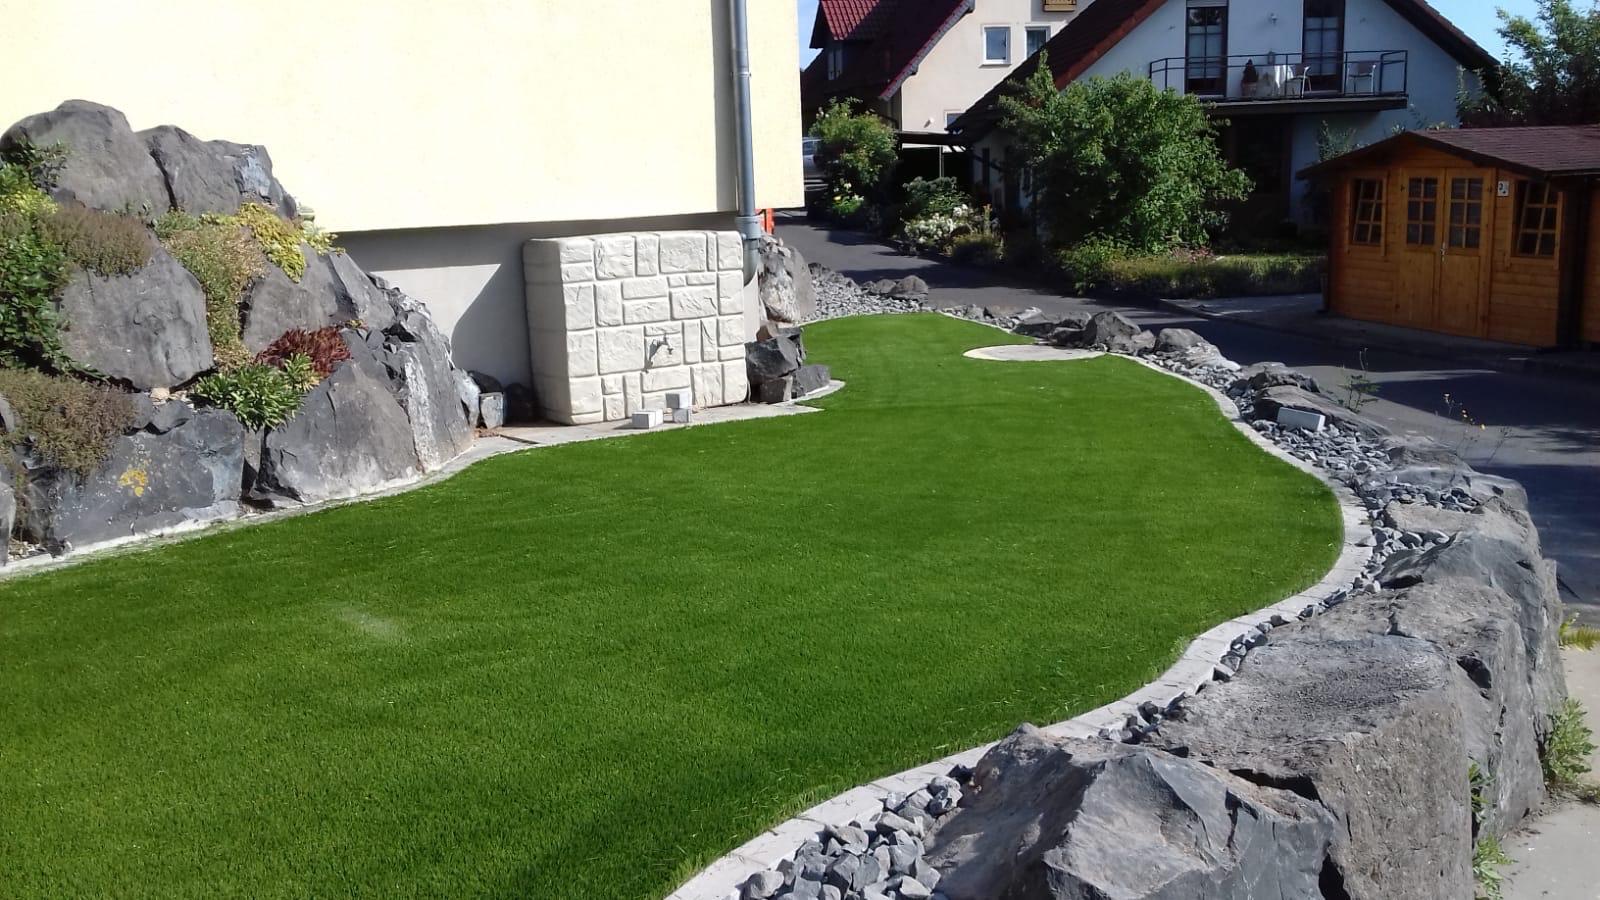 Kunstrasen in einem Vorgarten